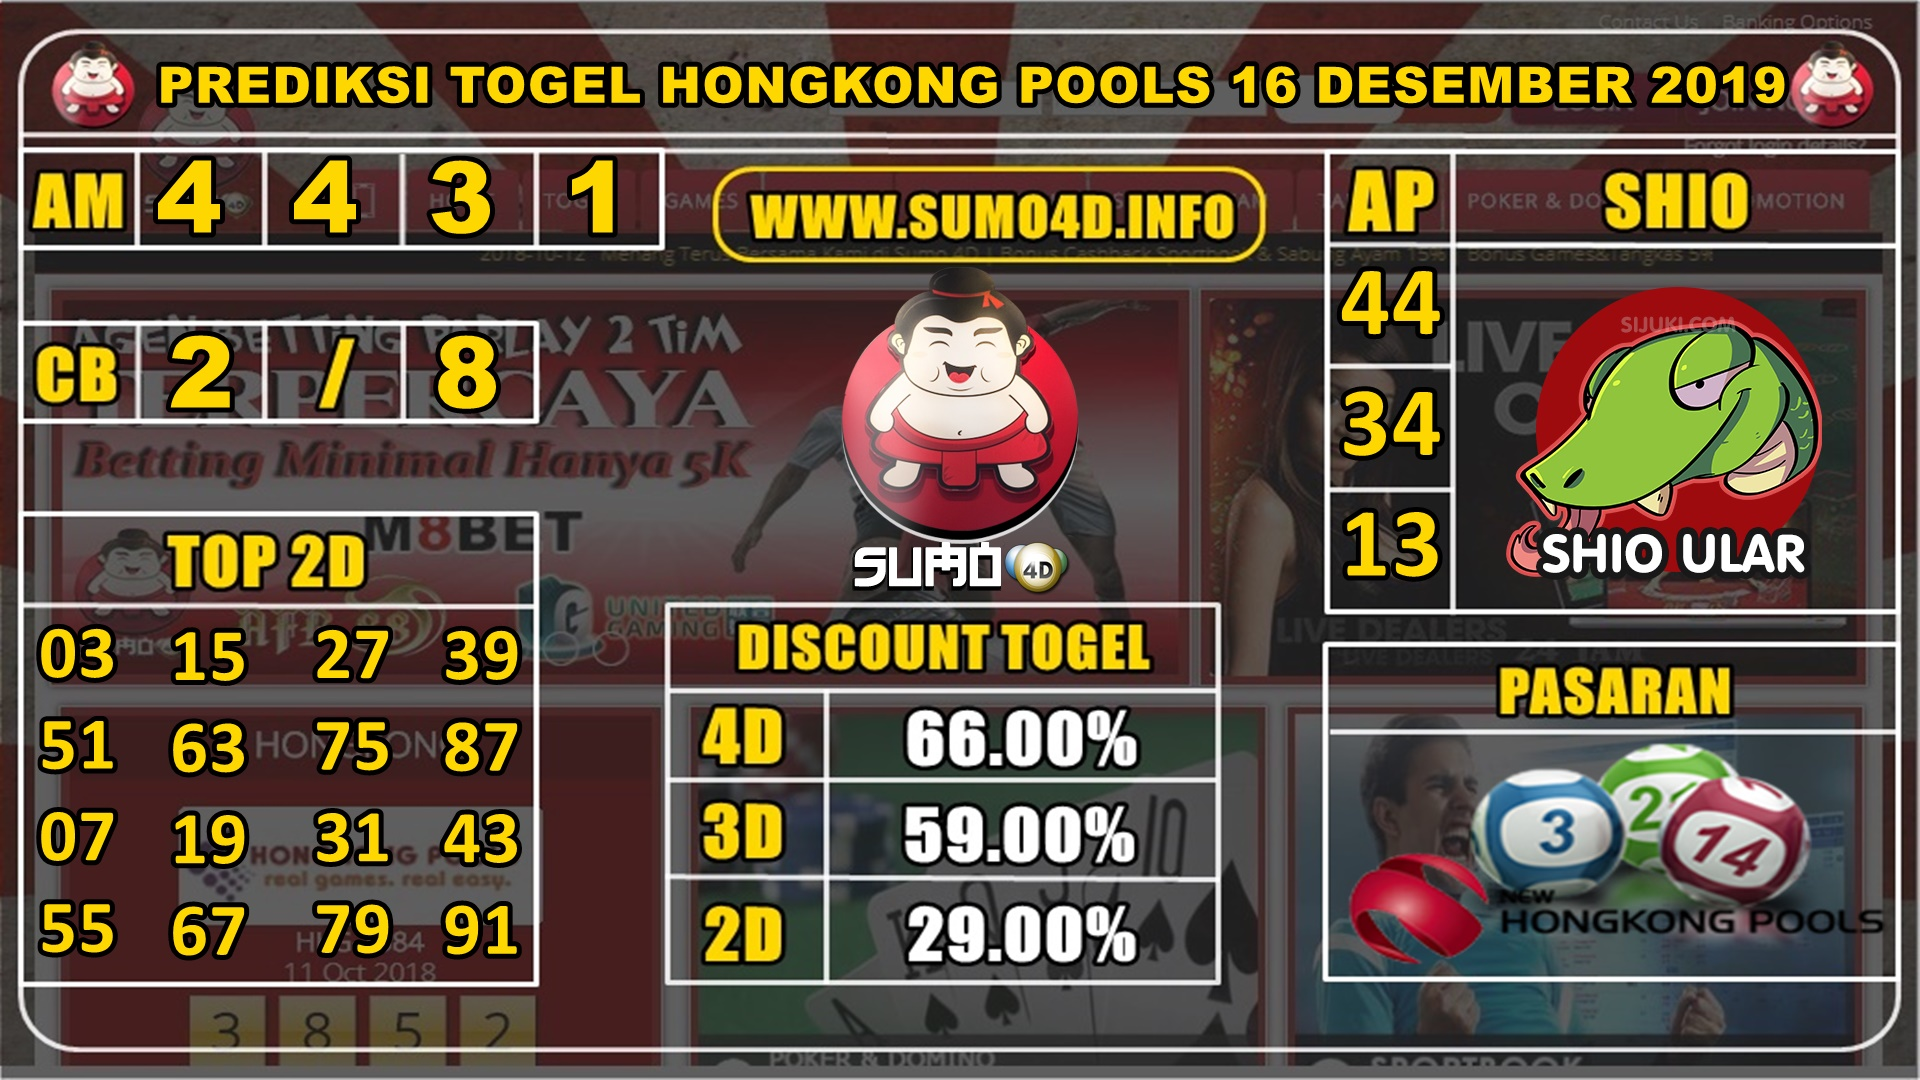 Prediksi Togel Hongkong Pools